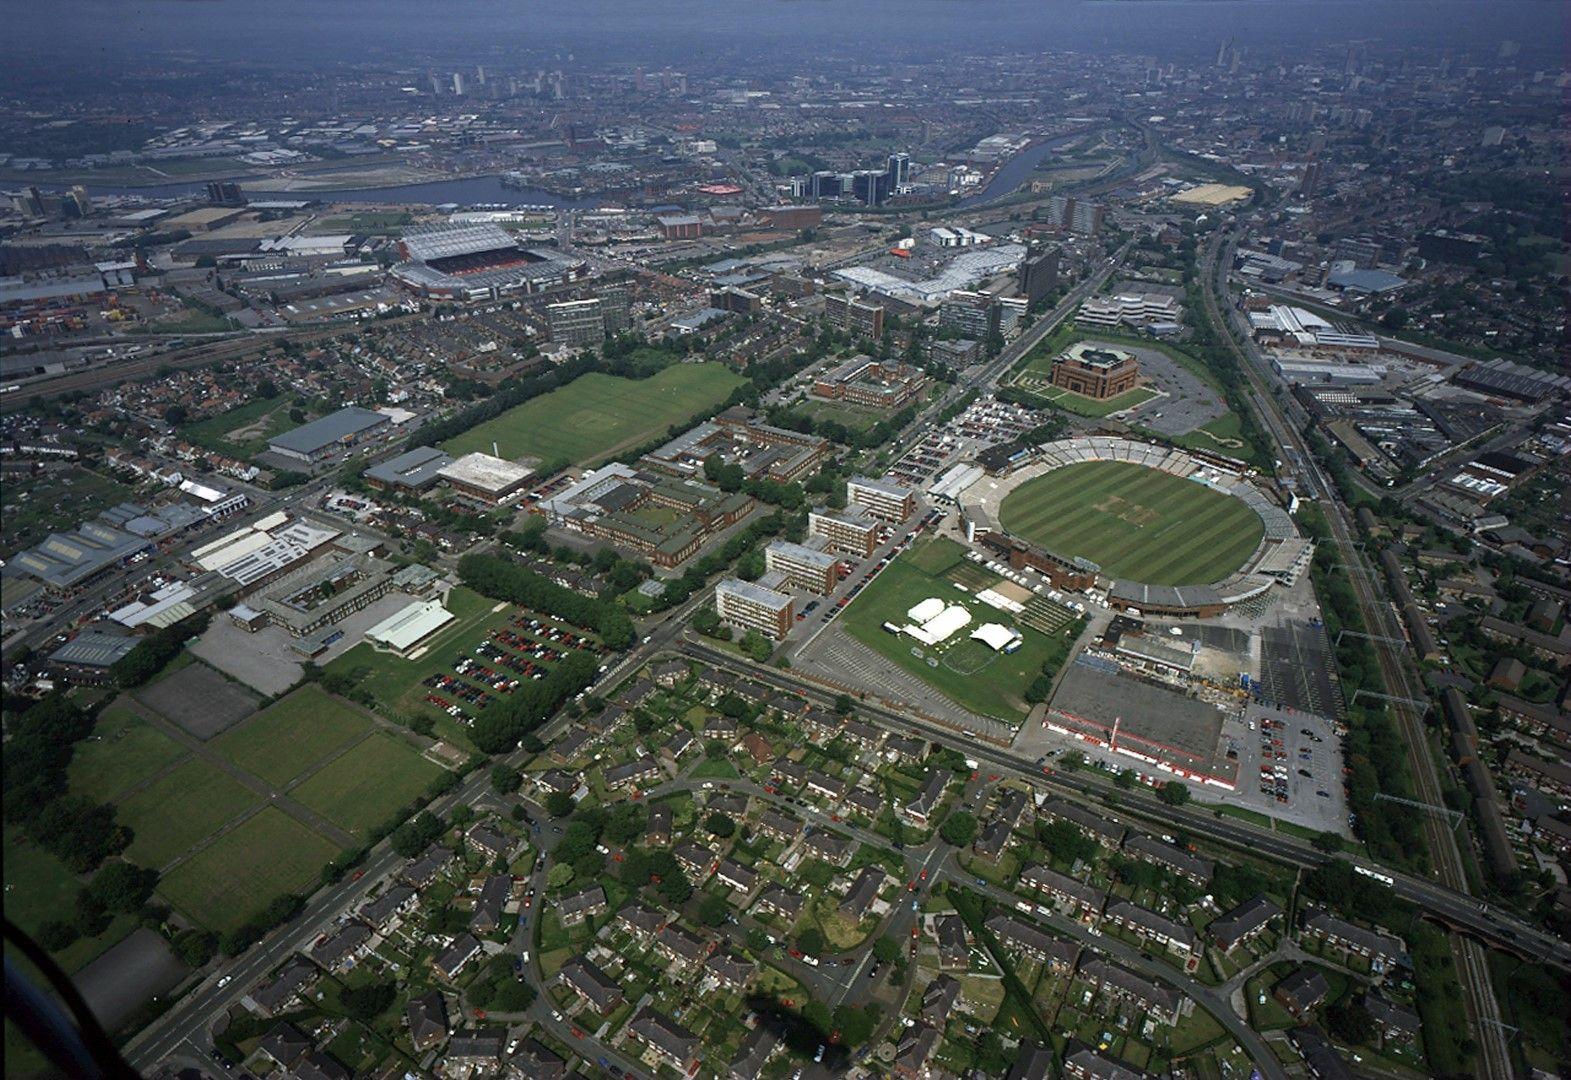 """Недалеч е стадиона по крикет, носещ също името  """"Олд Трафорд"""" (вдясно). Целият квартал се казва Трафорд"""